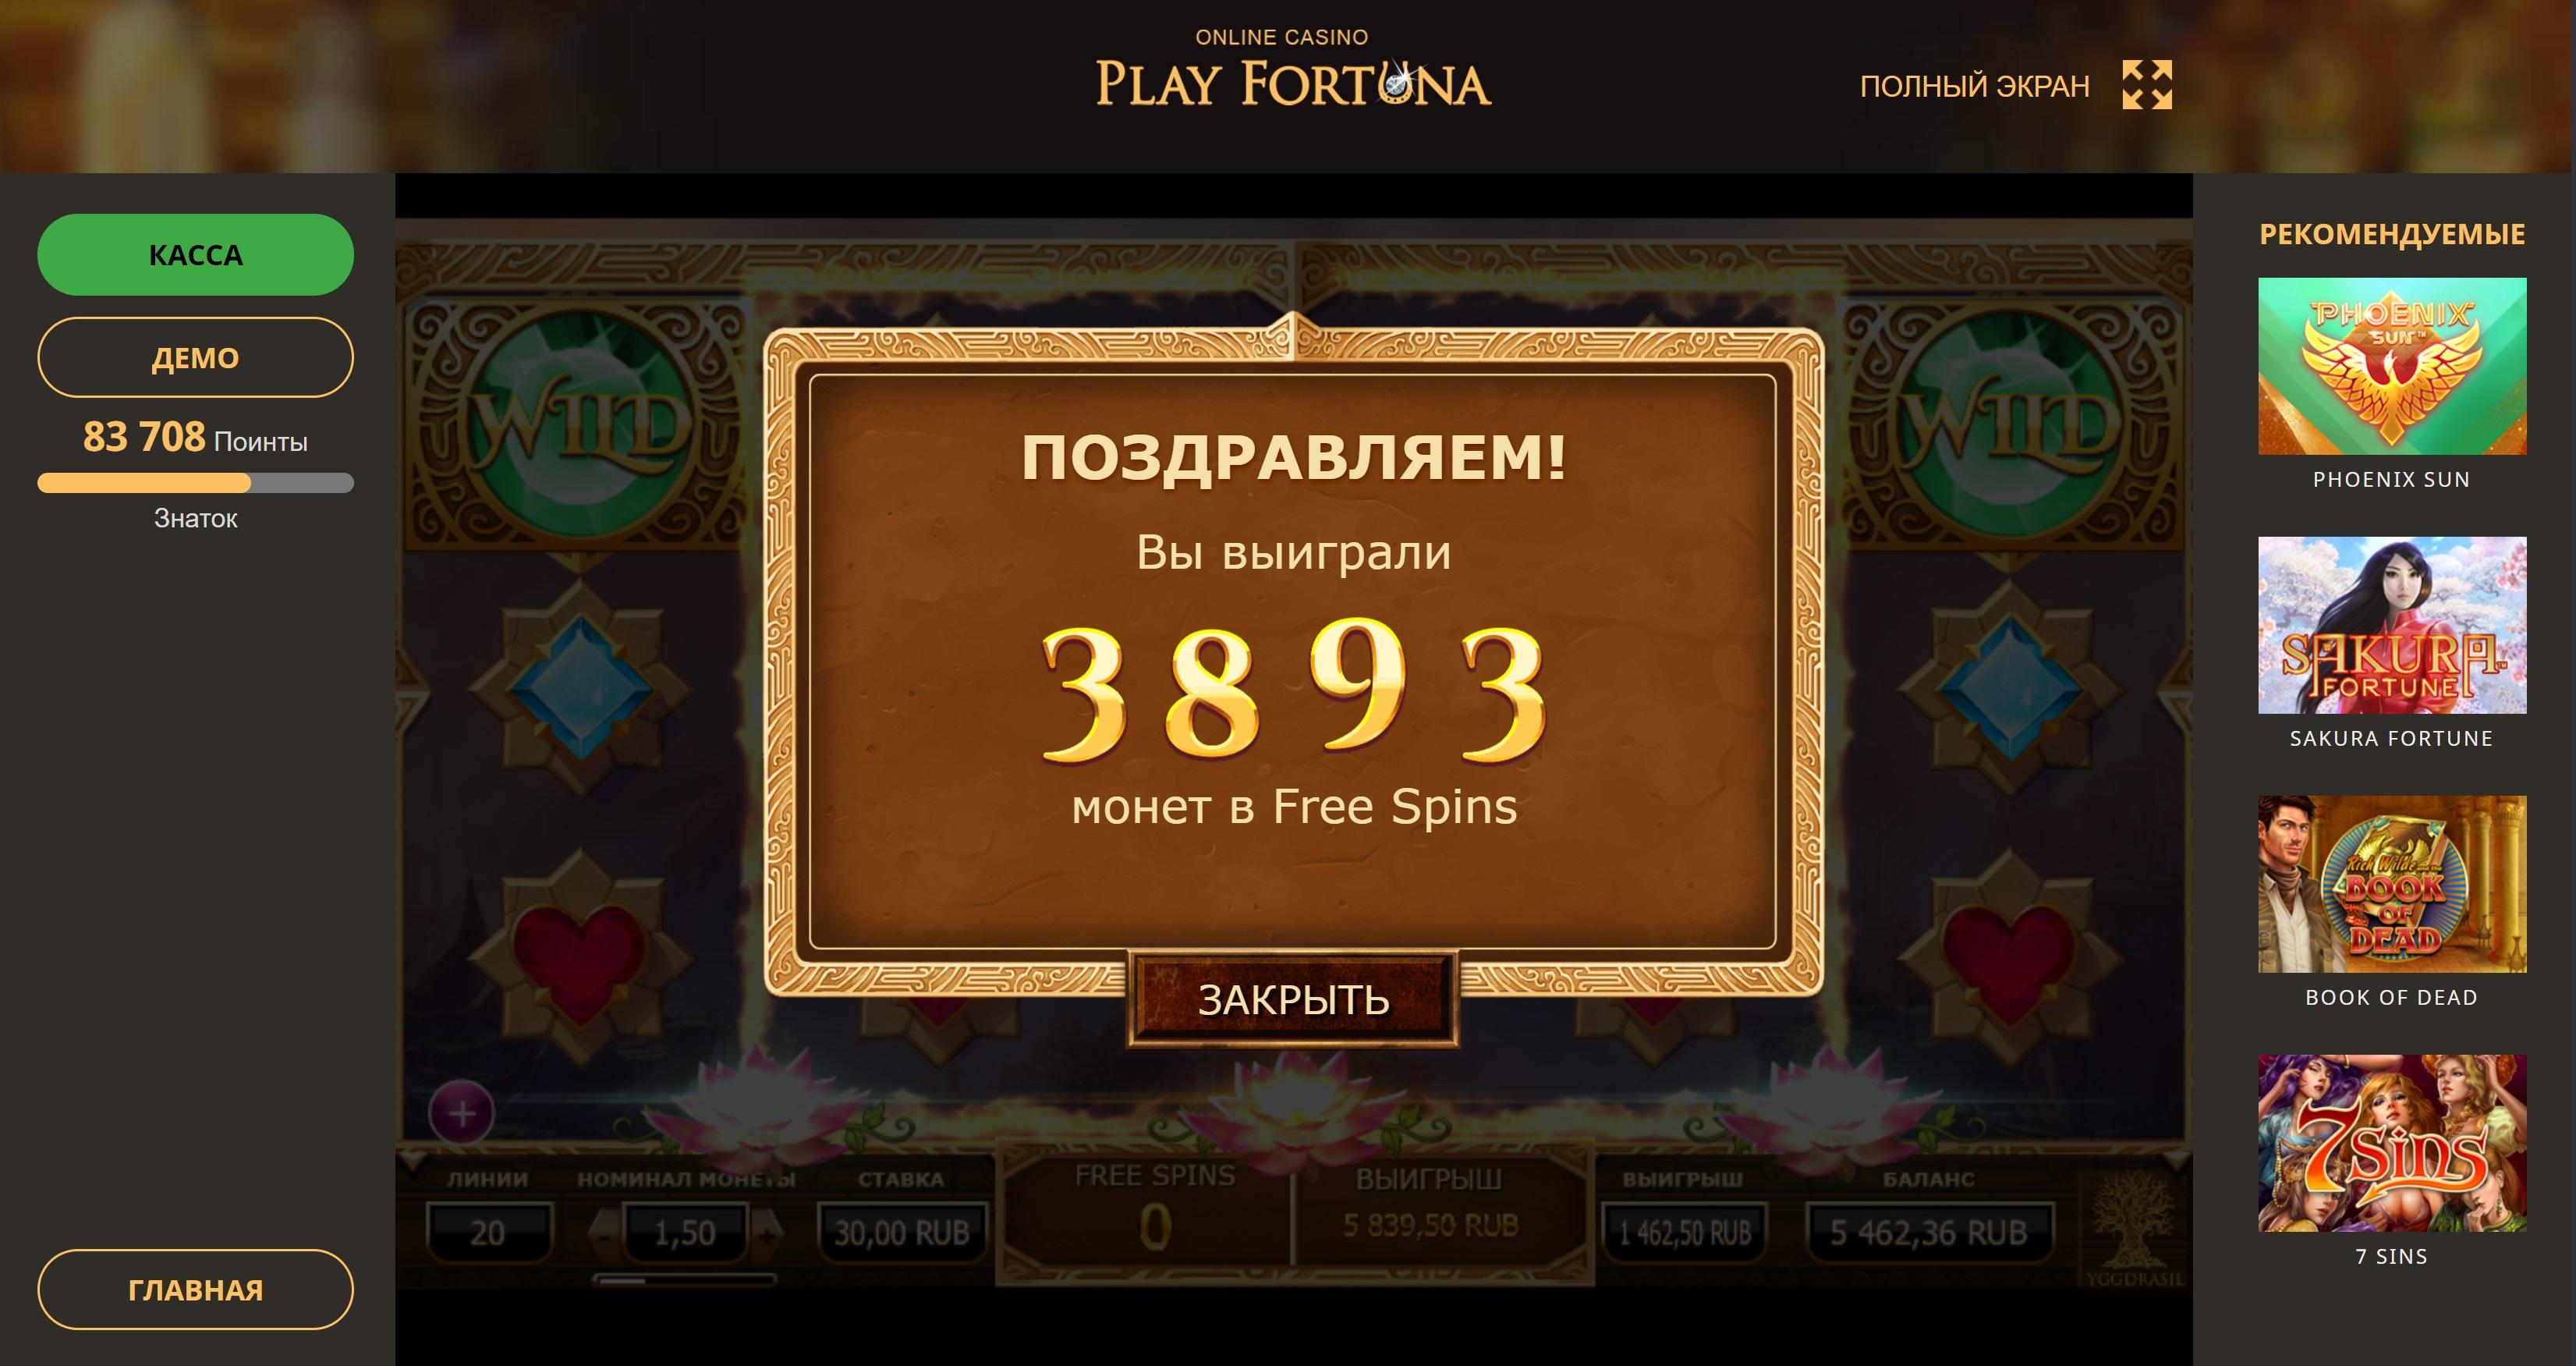 онлайн казино игровая фортуна